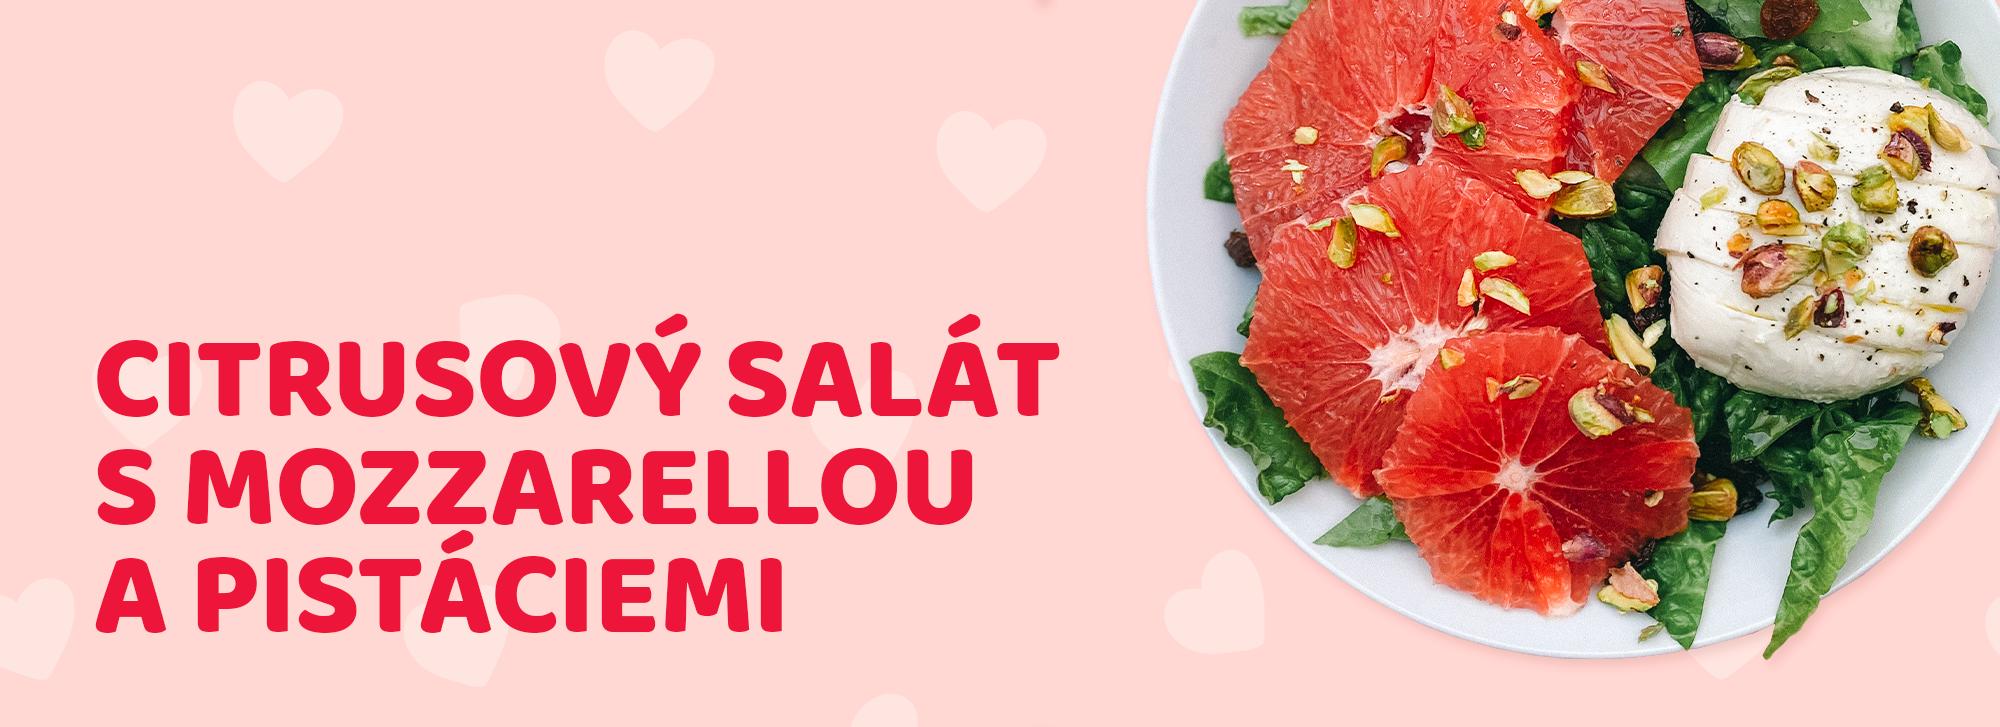 salat_obr_blog